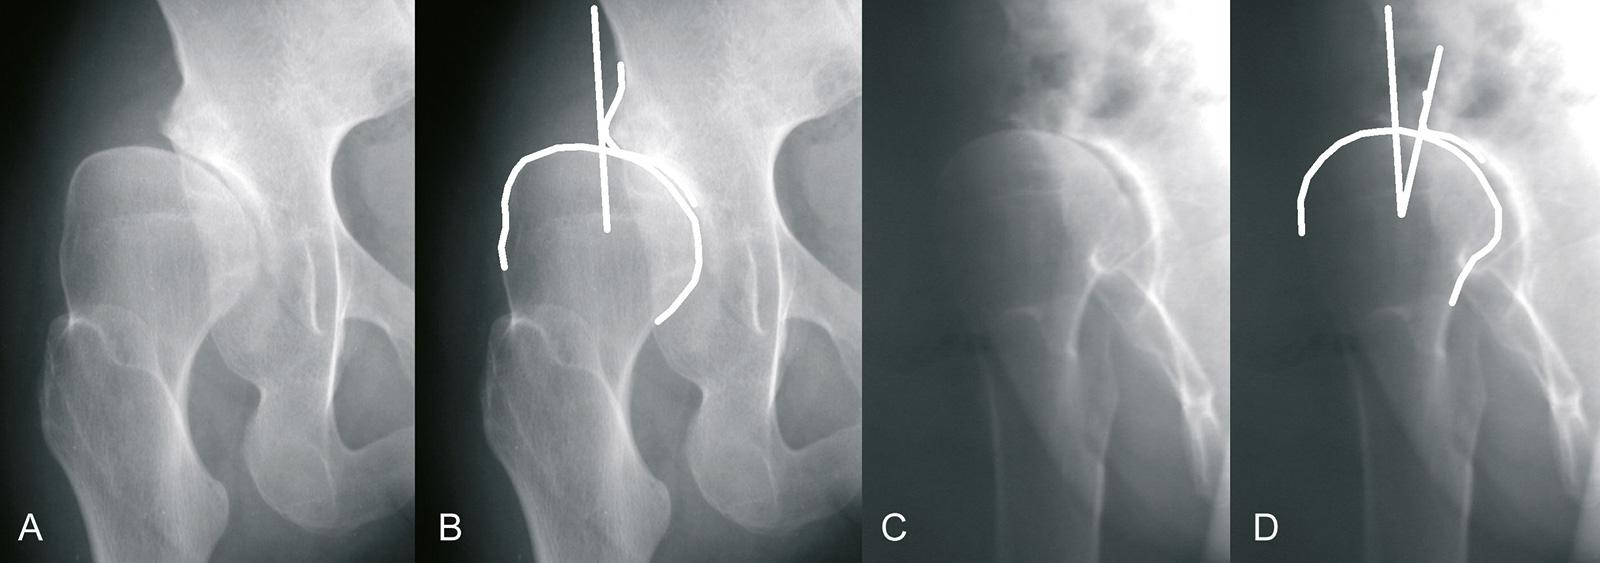 Abb. 1-9: Sekundäre Arthrose nach Hüftdysplasie (A,C). Der CE-Winkel beträgt in der AP-Aufnahme 0 Grad (B) und in der Faux-Pro l-Aufnahme -7 Grad (D)